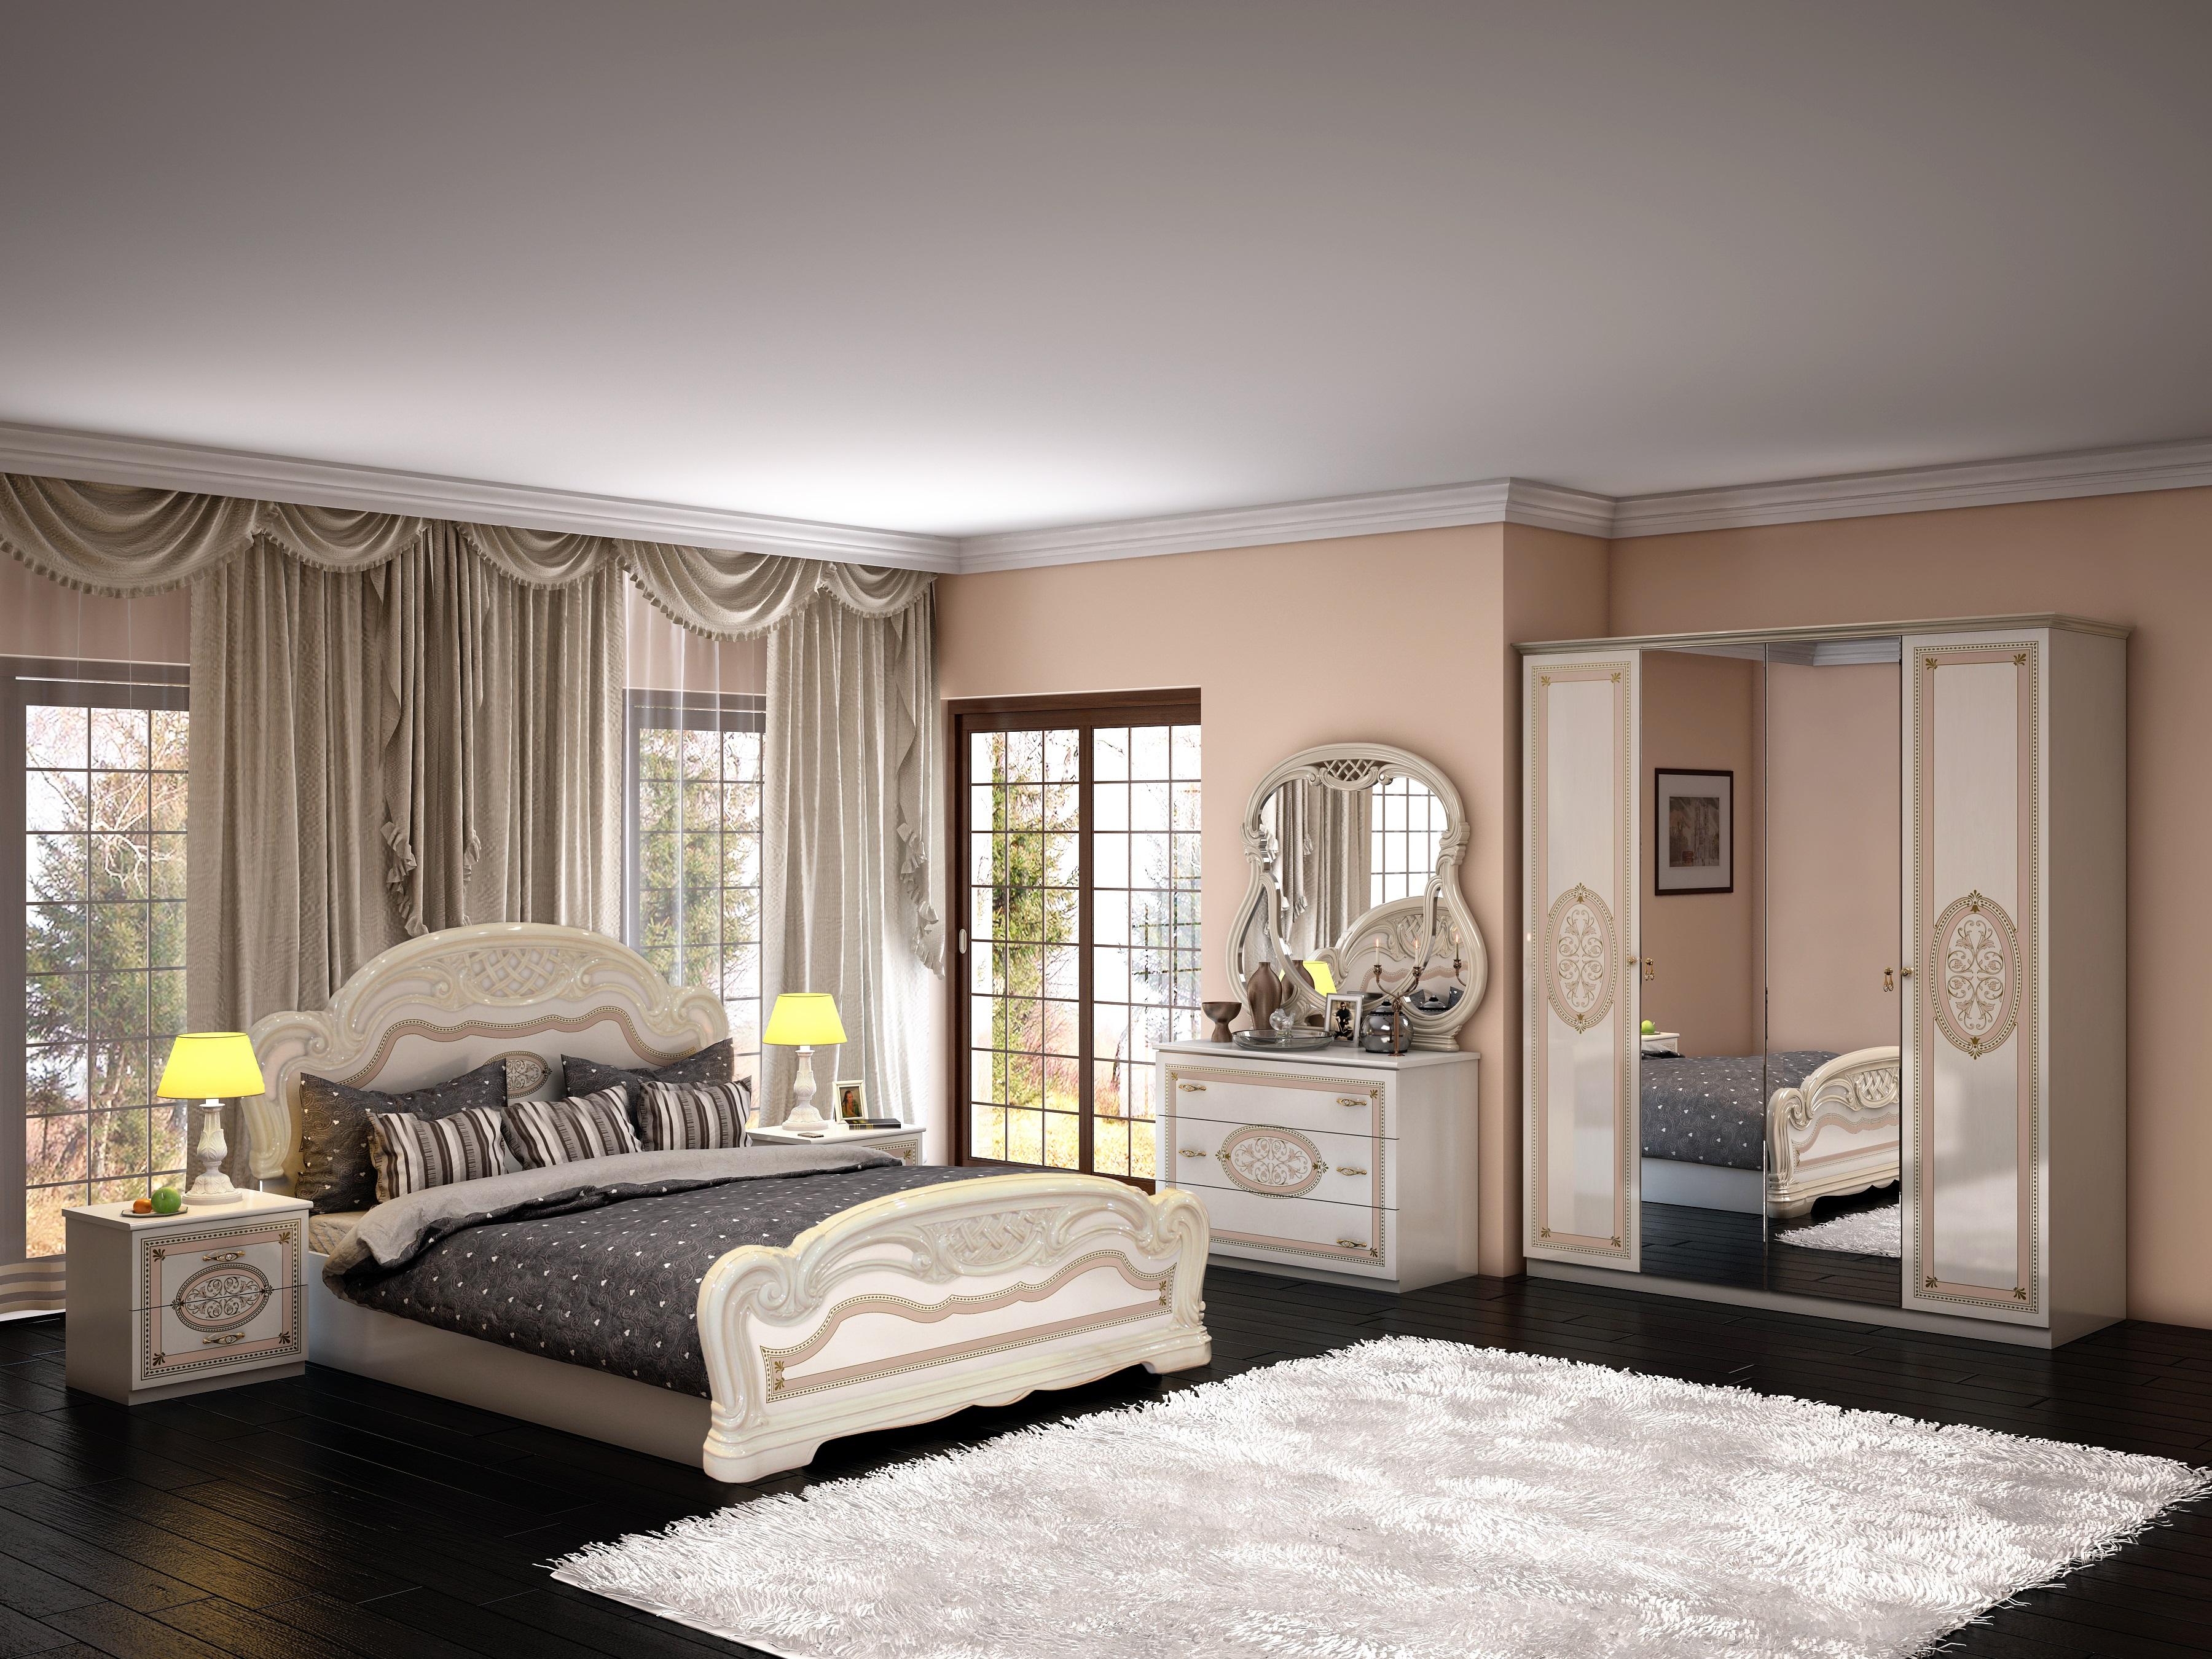 Sch nes schlafzimmer barock schlafzimmer - Barock schlafzimmer ...